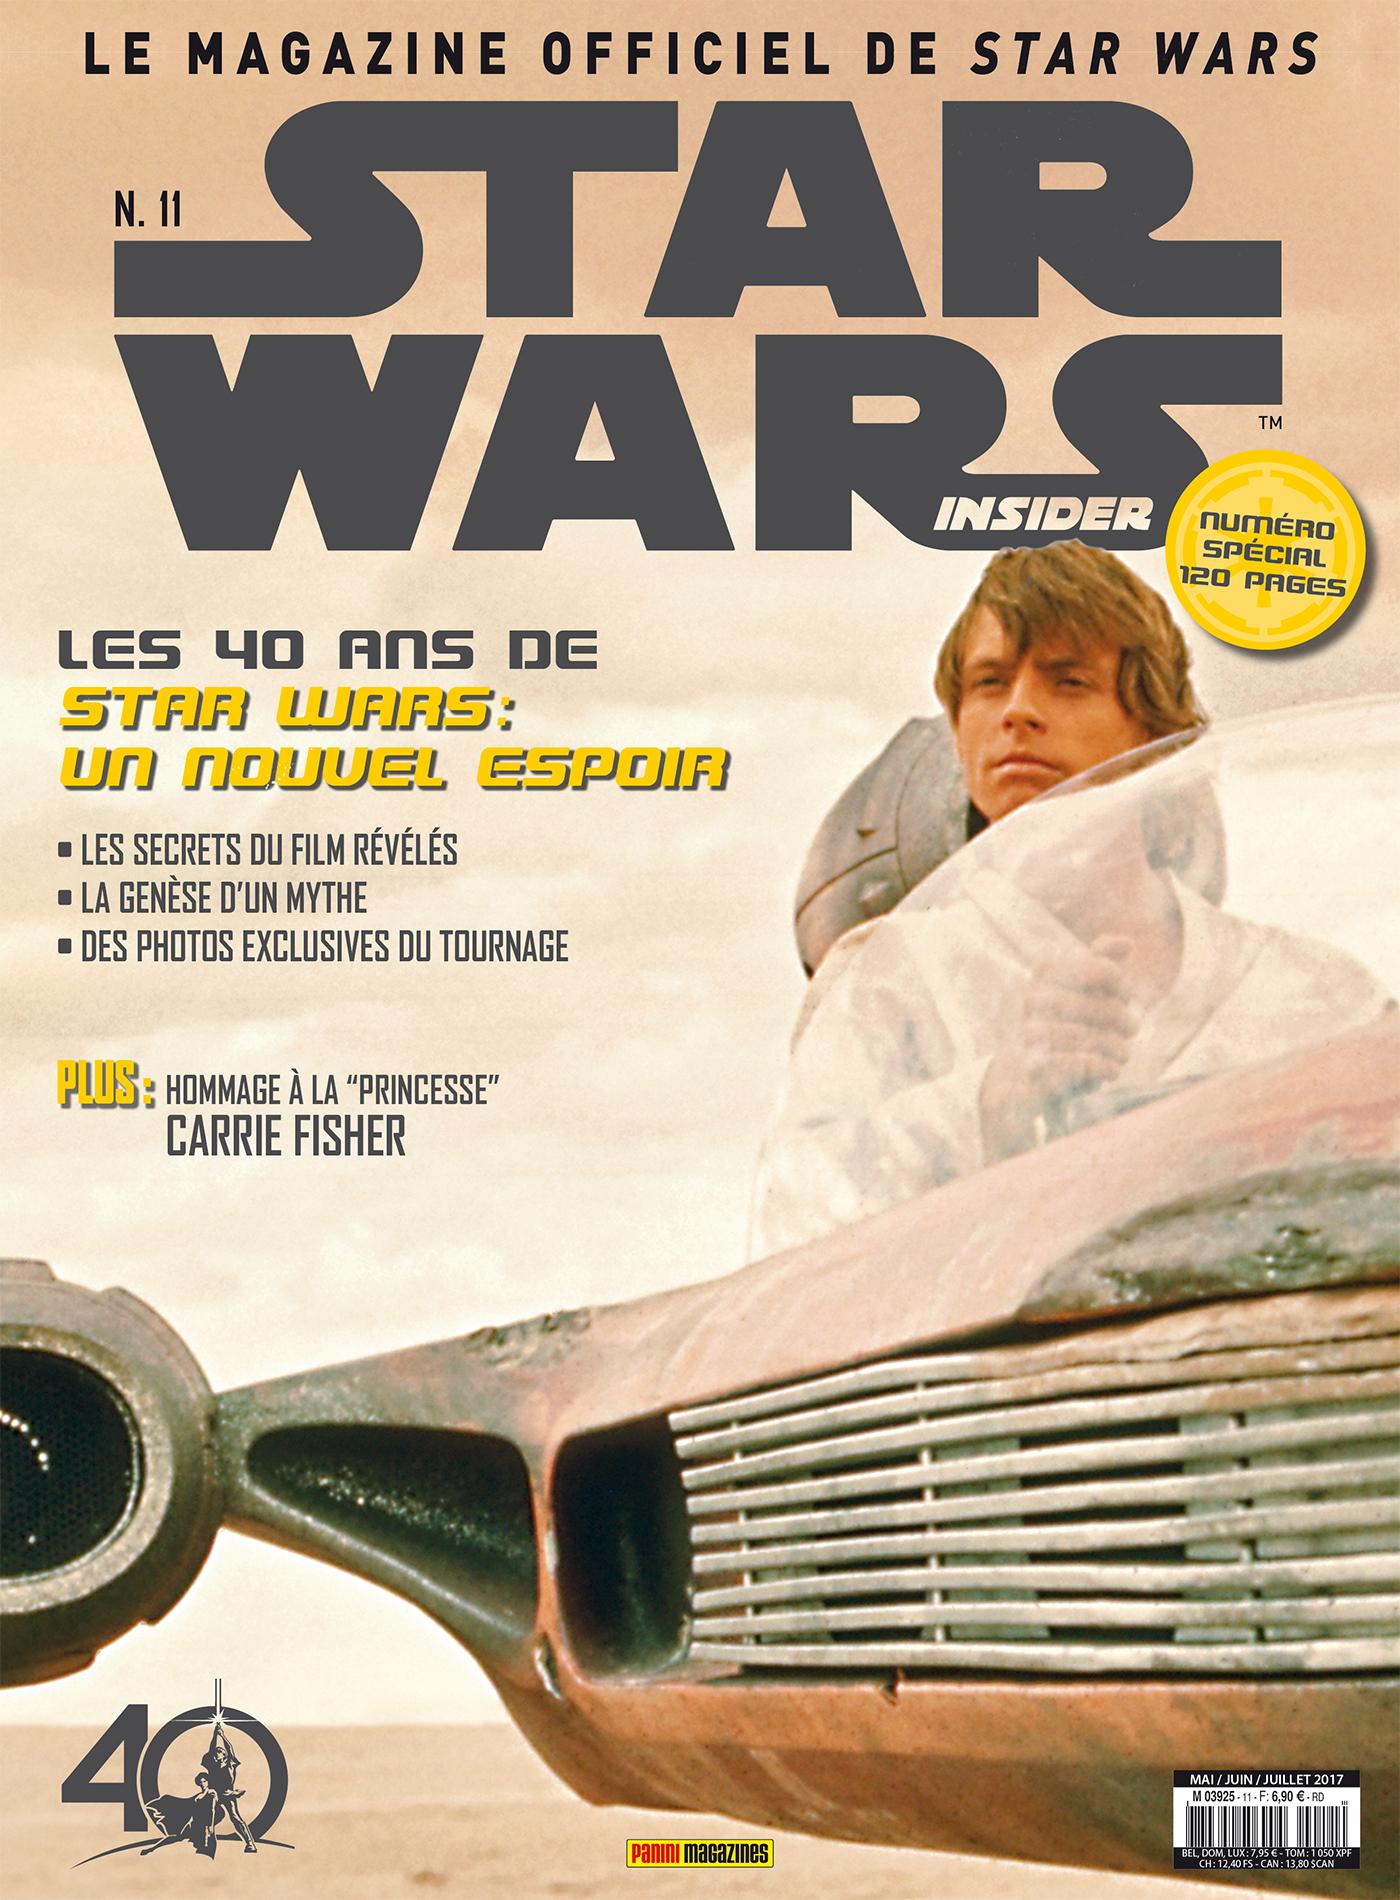 Star Wars Insider #11